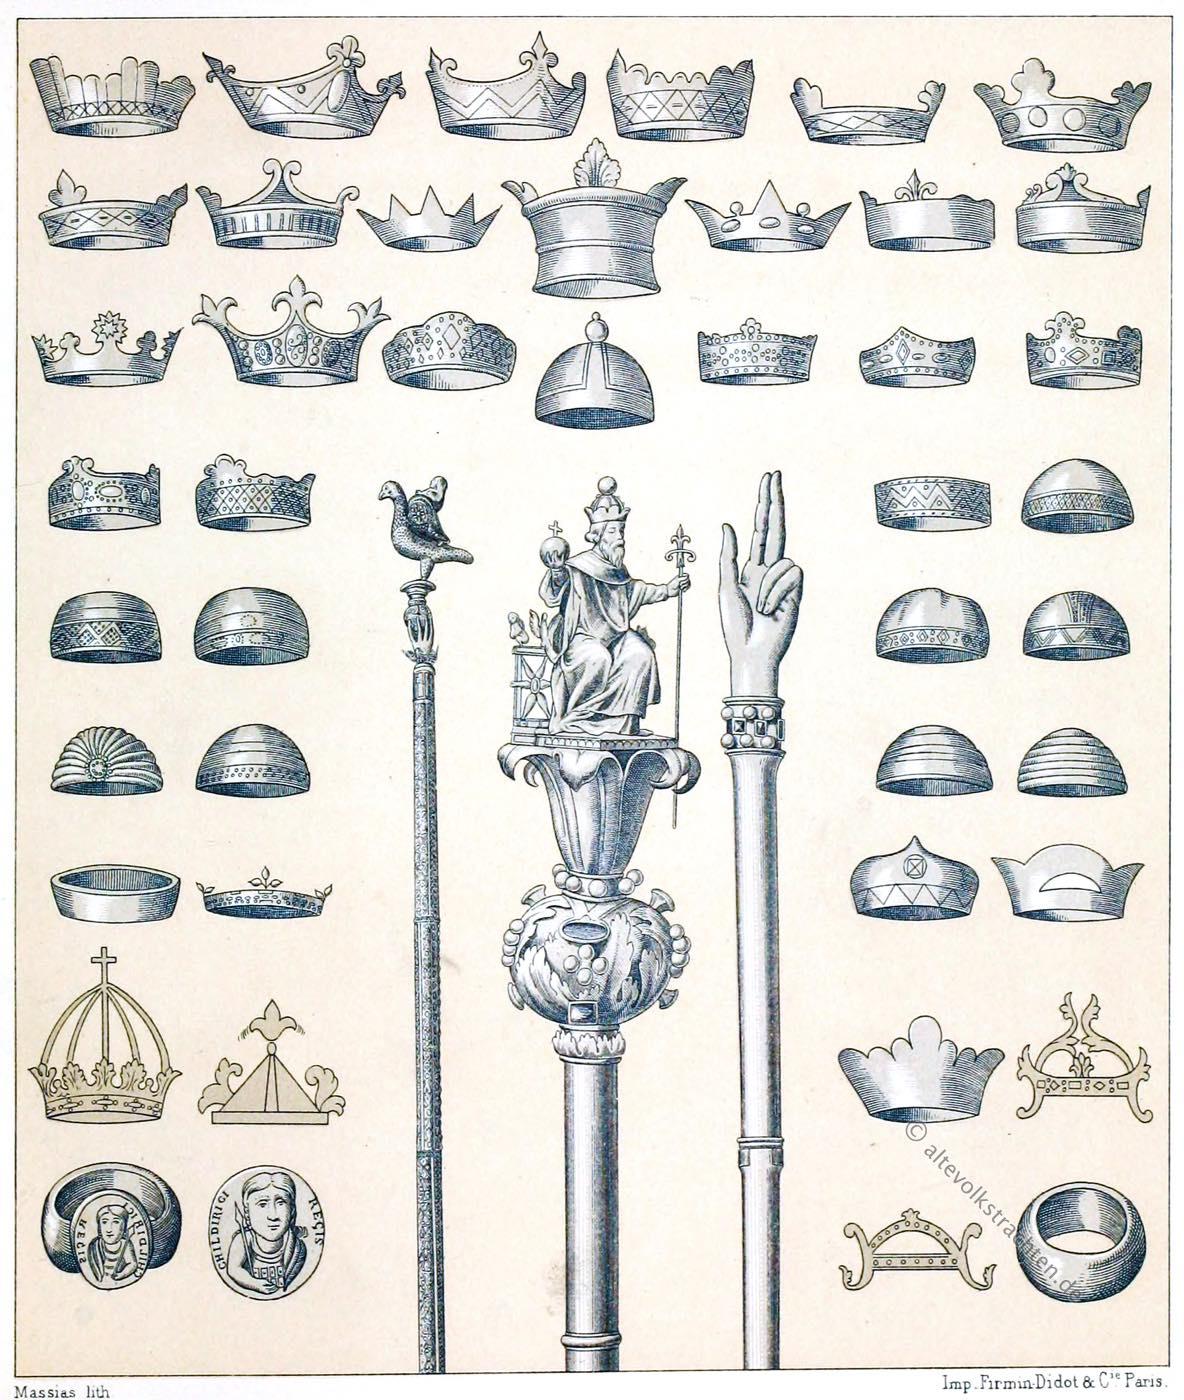 Mittelalter, Königskronen, Szepter, Kronen, merowinger, Karolinger, Franken, Könige